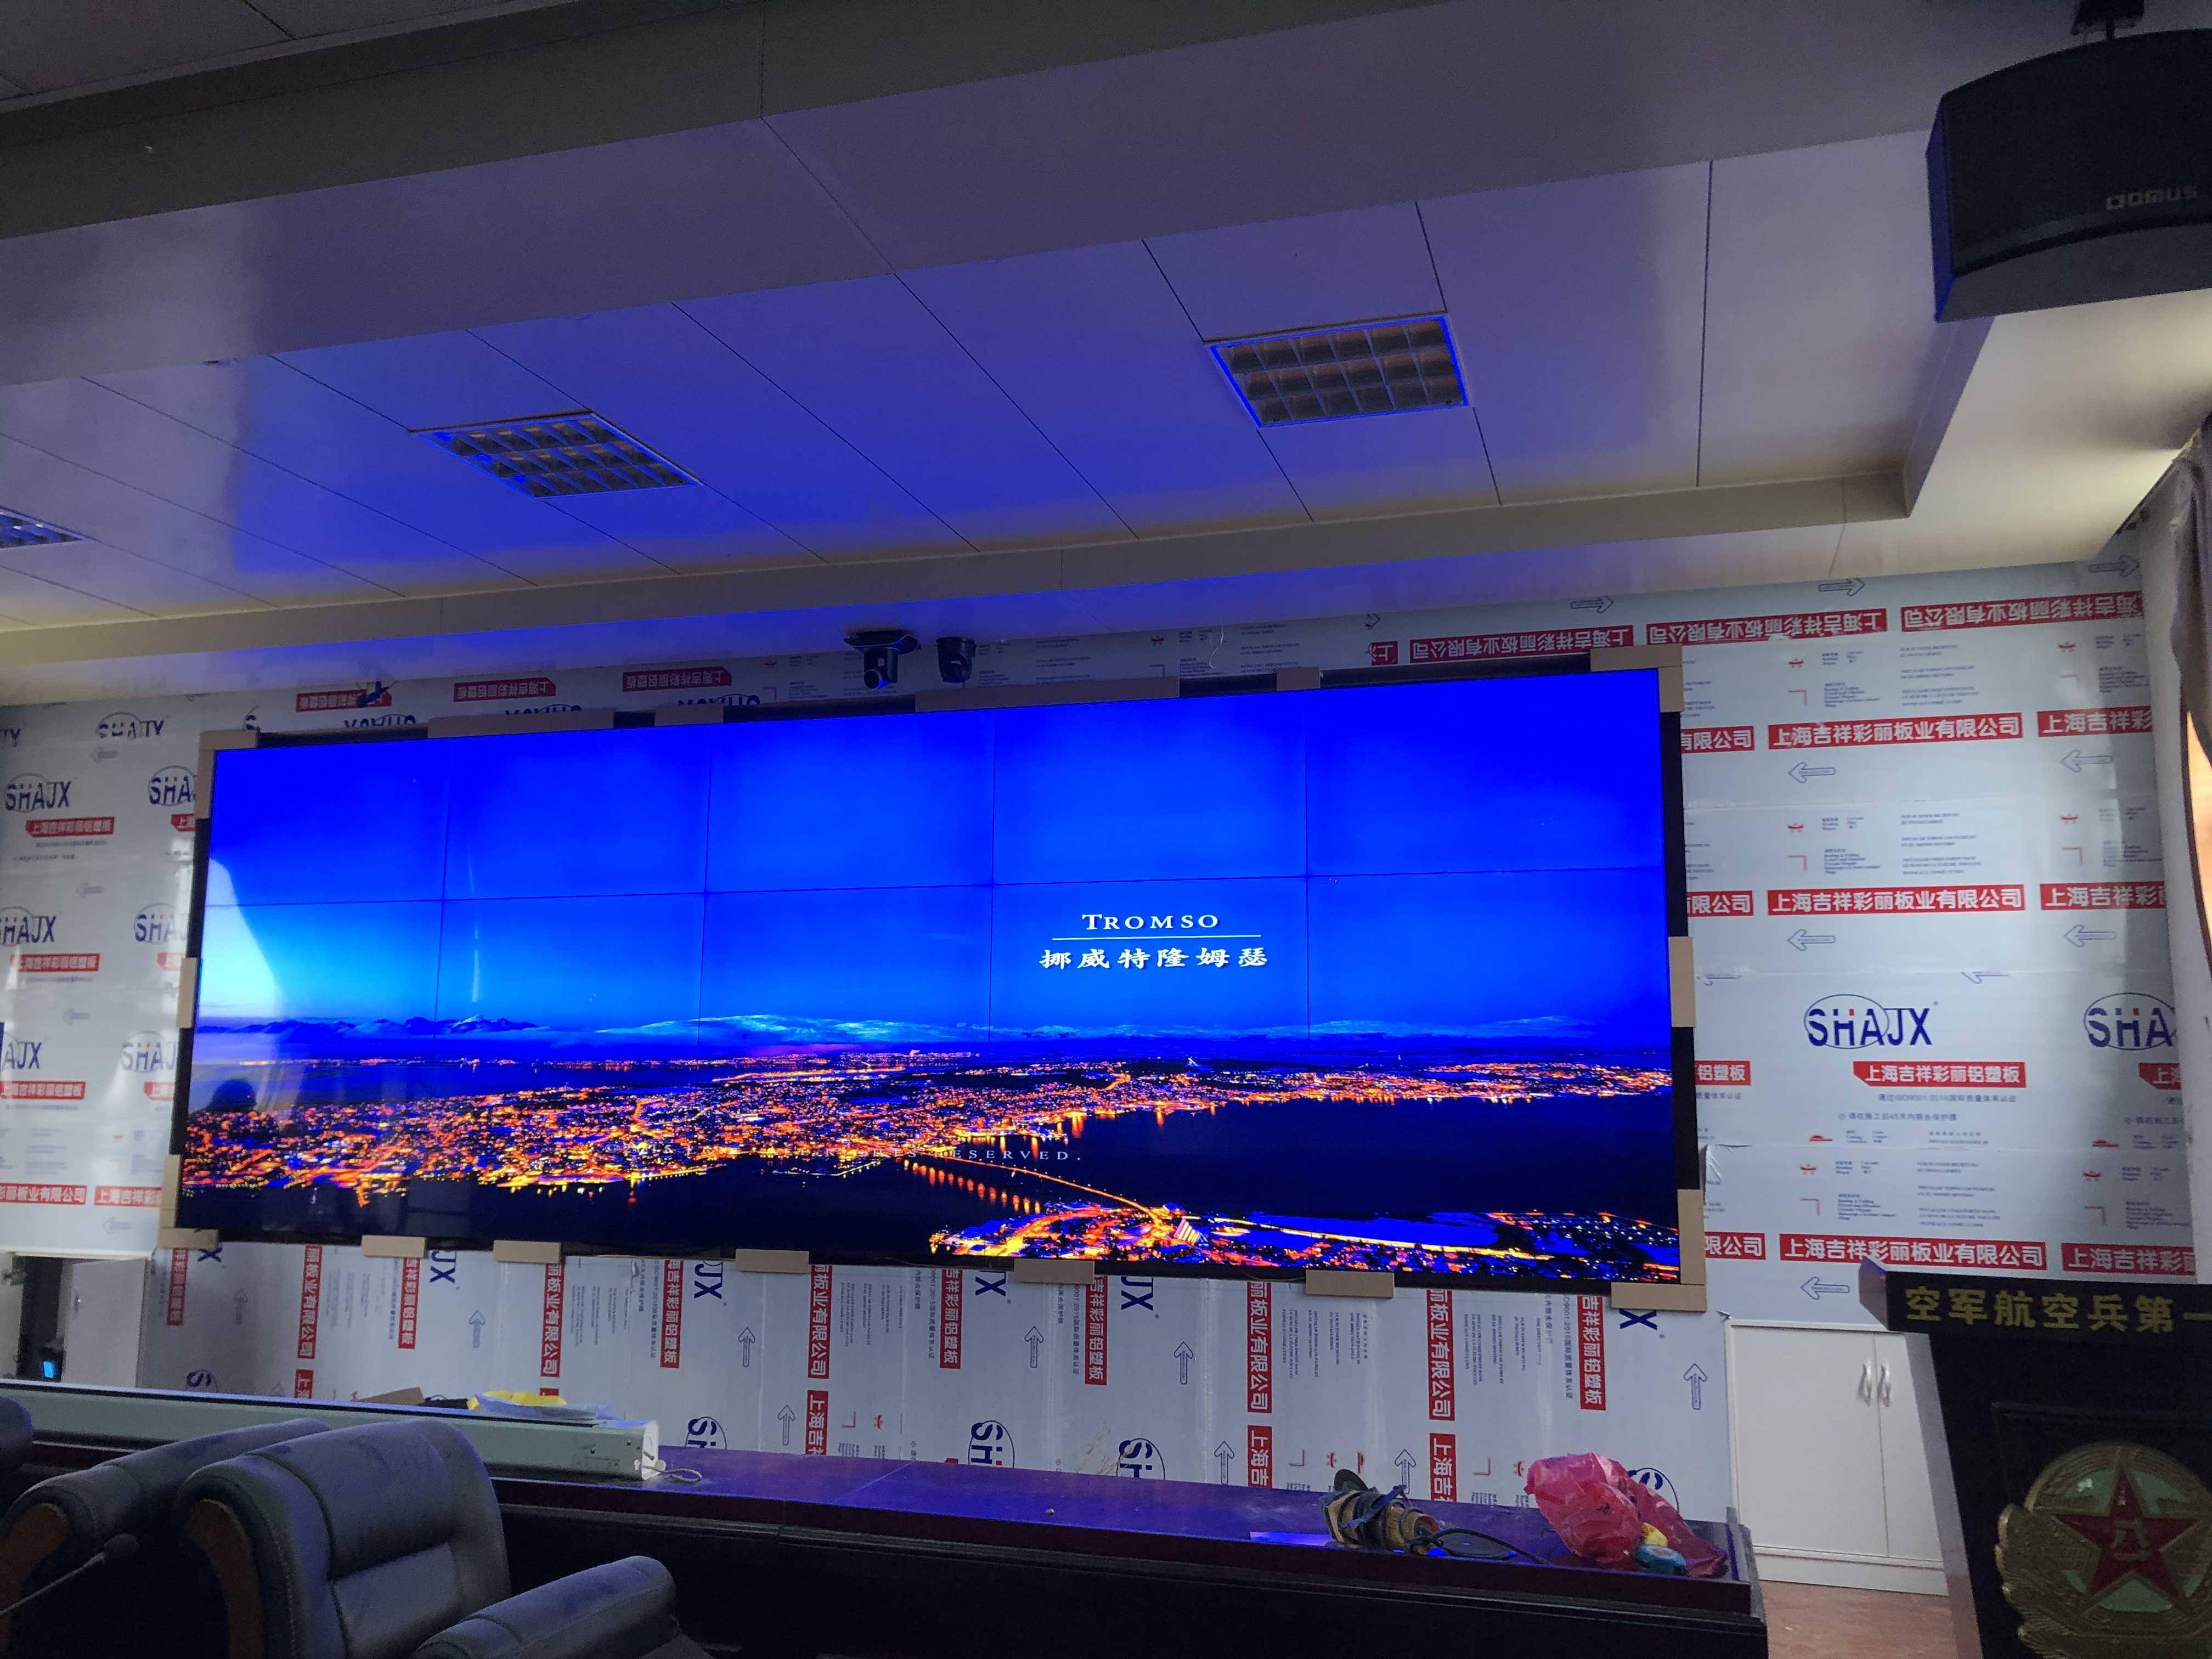 西安3x51.8mm拼接-微信图片_2020010209230711